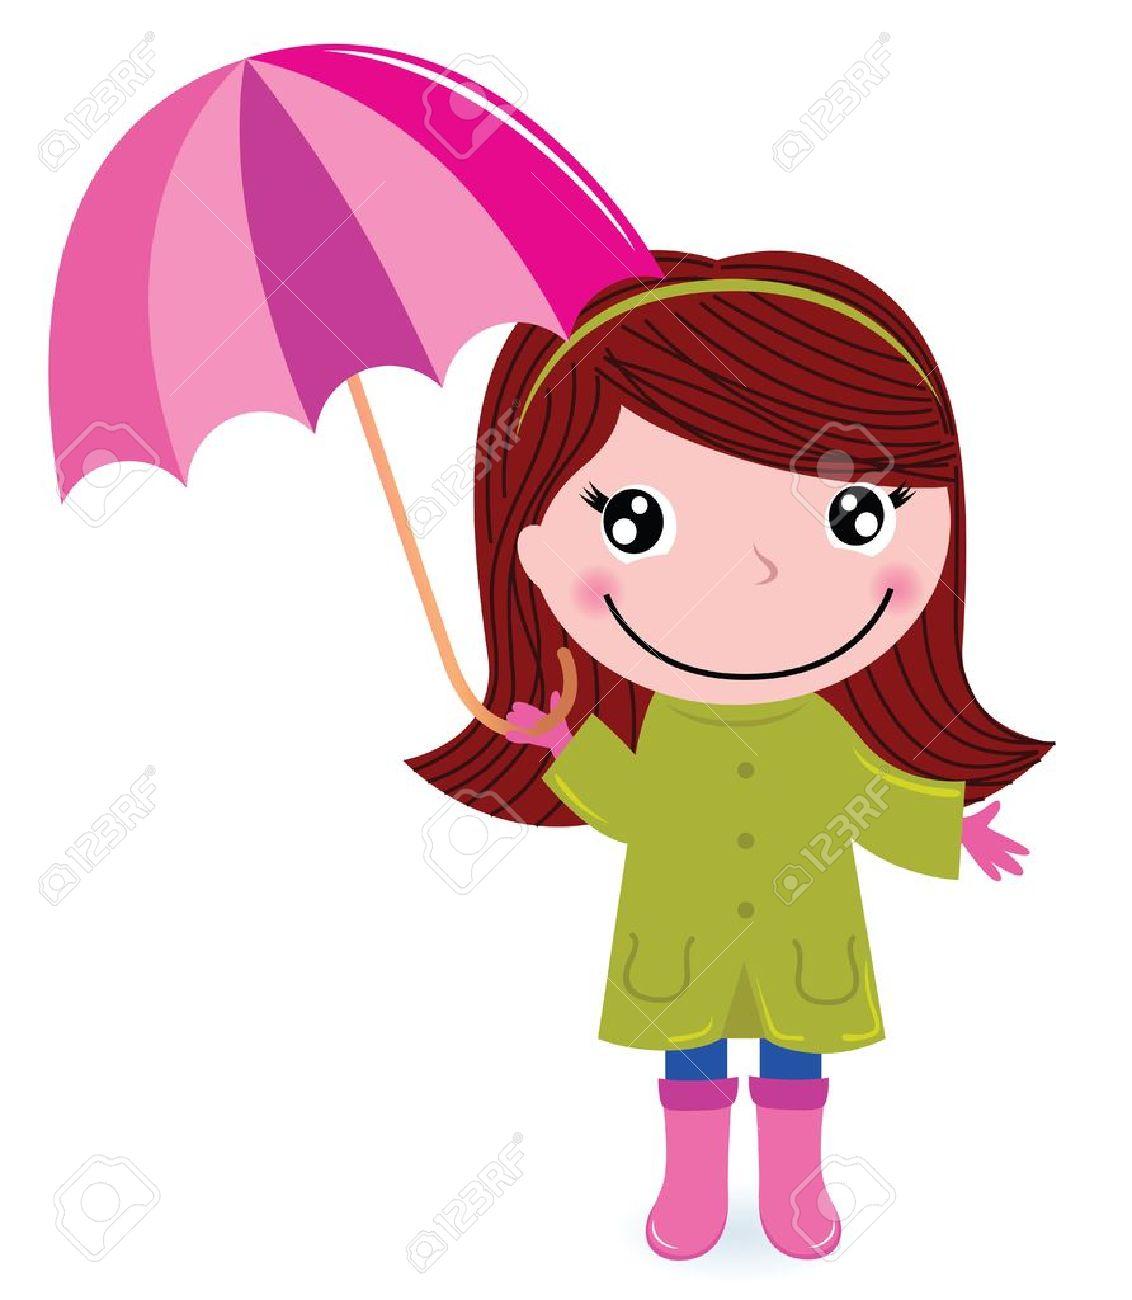 bottes de pluie Enfant d automne avec umrella Illustration de dessin animé vecteur